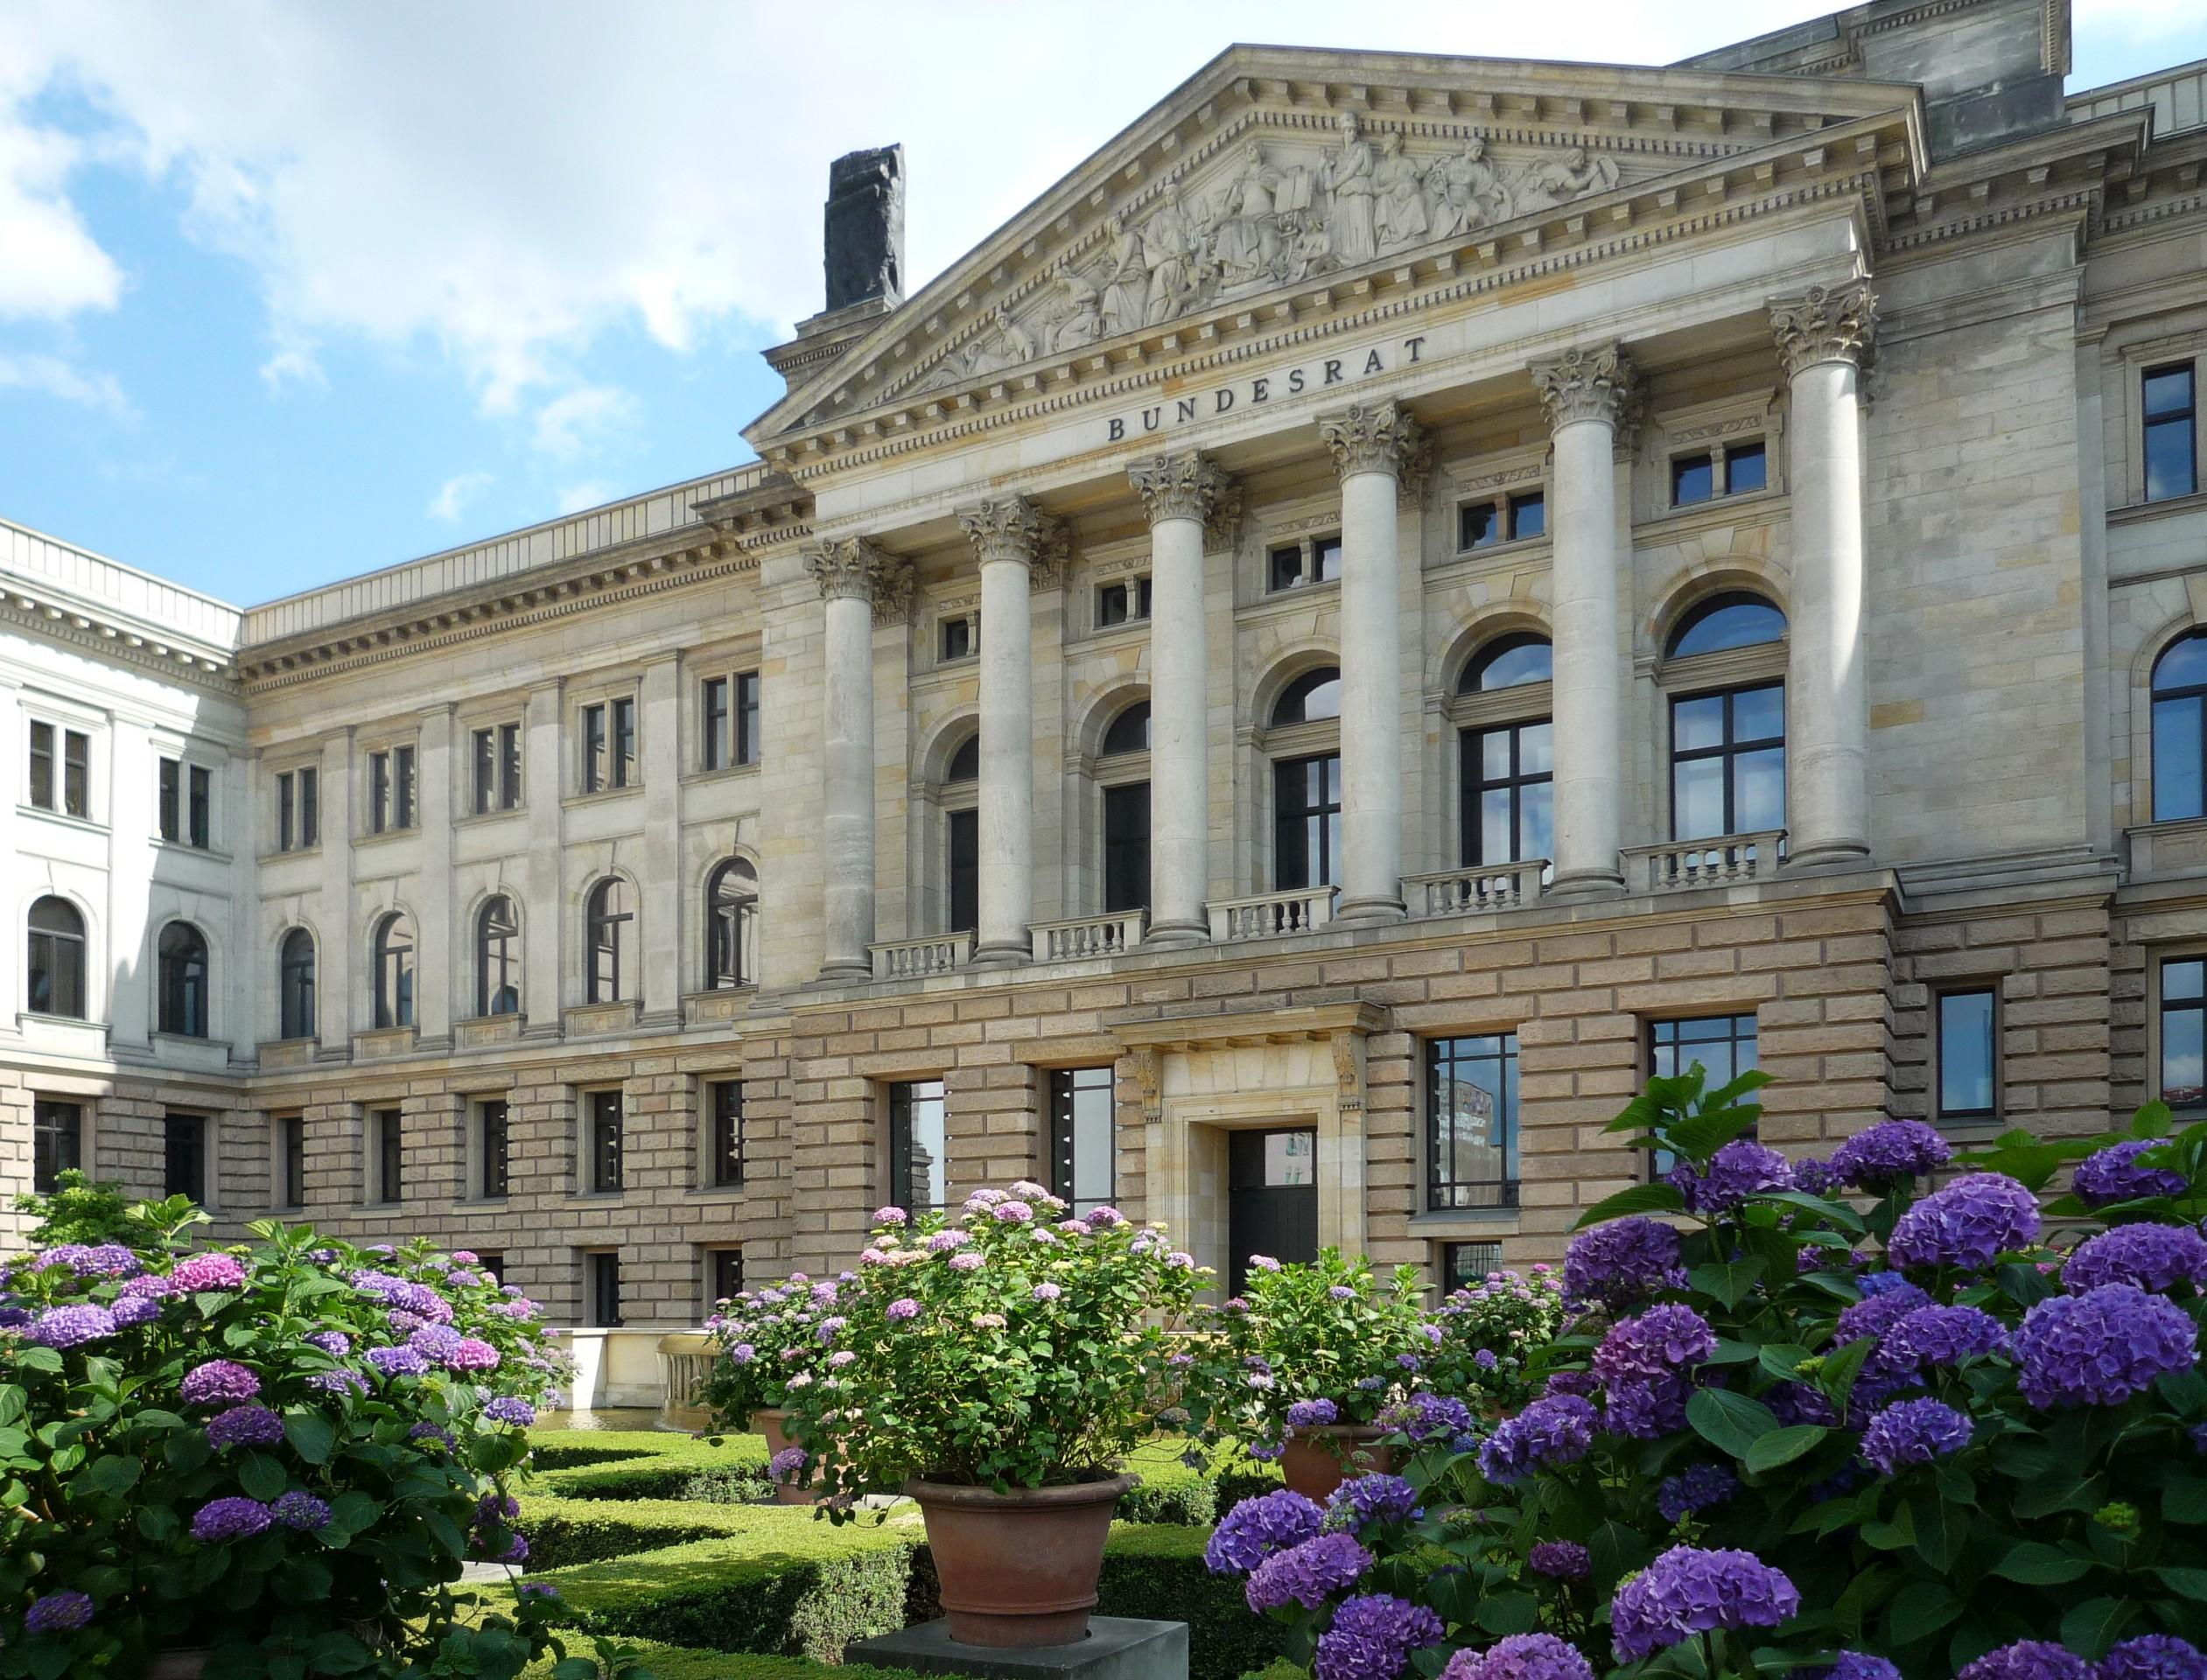 Die Bundesrepublik Deutschland ist ein föderaler Staat mit einer sozialen Marktwirtschaft (Bundesratsgebäude in Berlin).